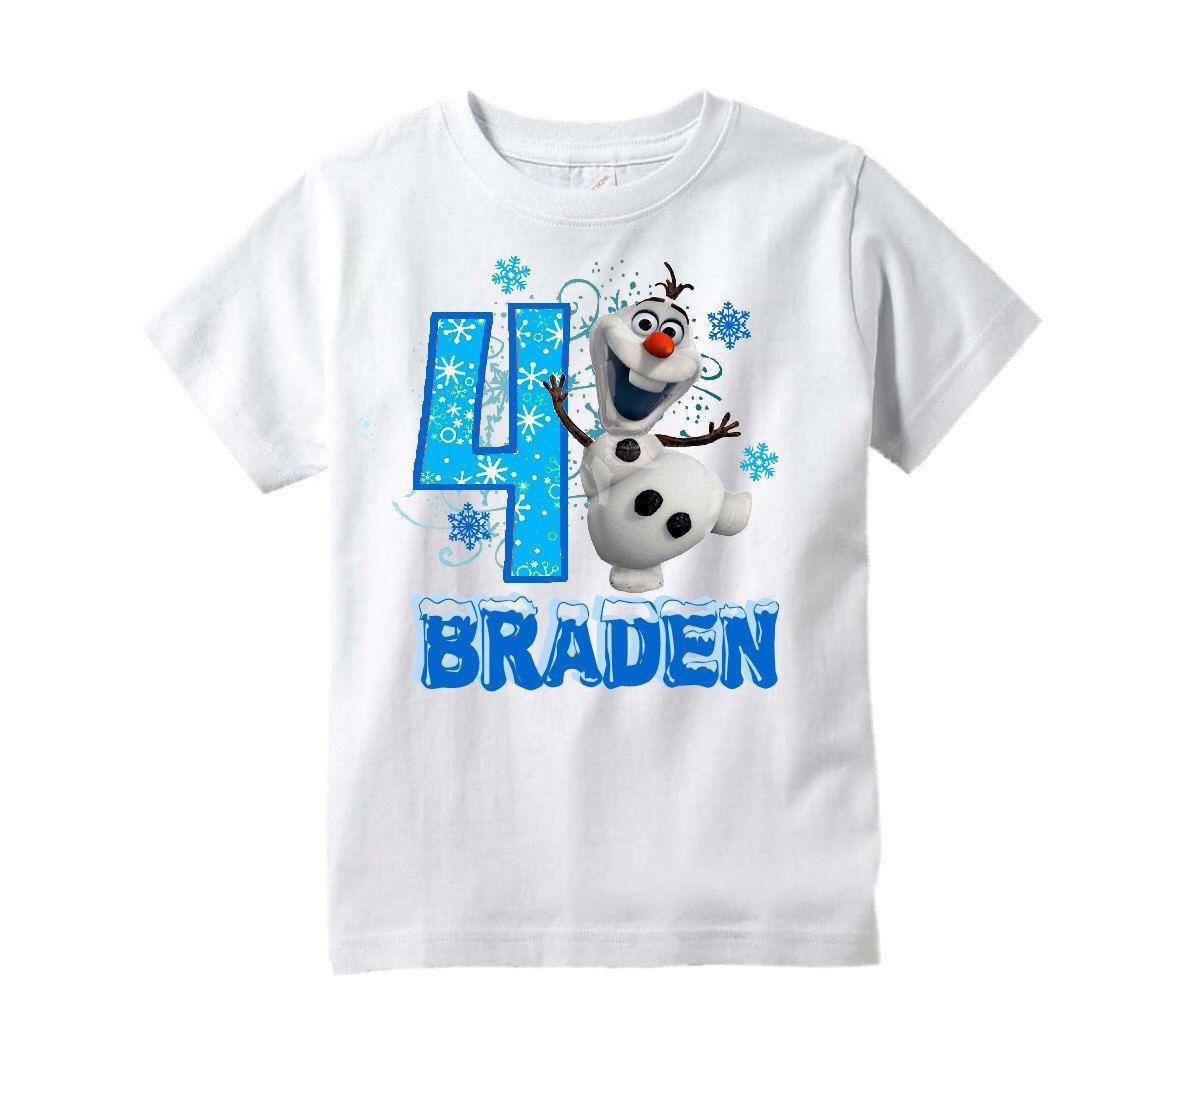 Frozen Olaf Shirt Olaf Birthday TShirt PERSONALIZED by